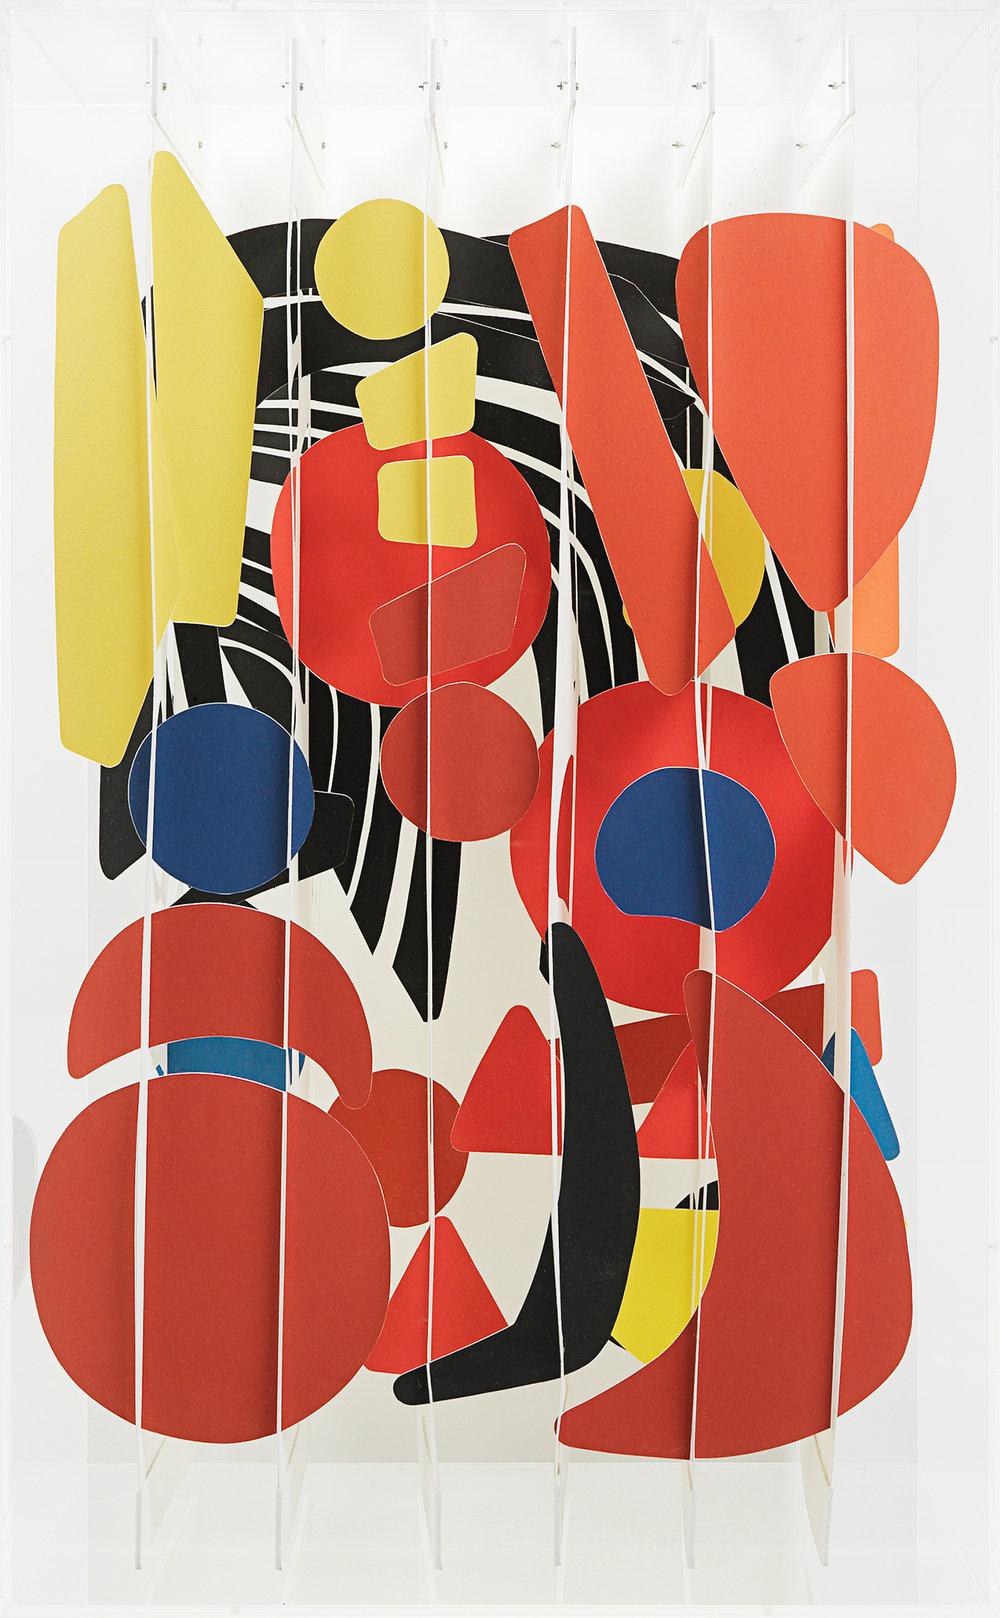 Calder's Palatte 1, 2010